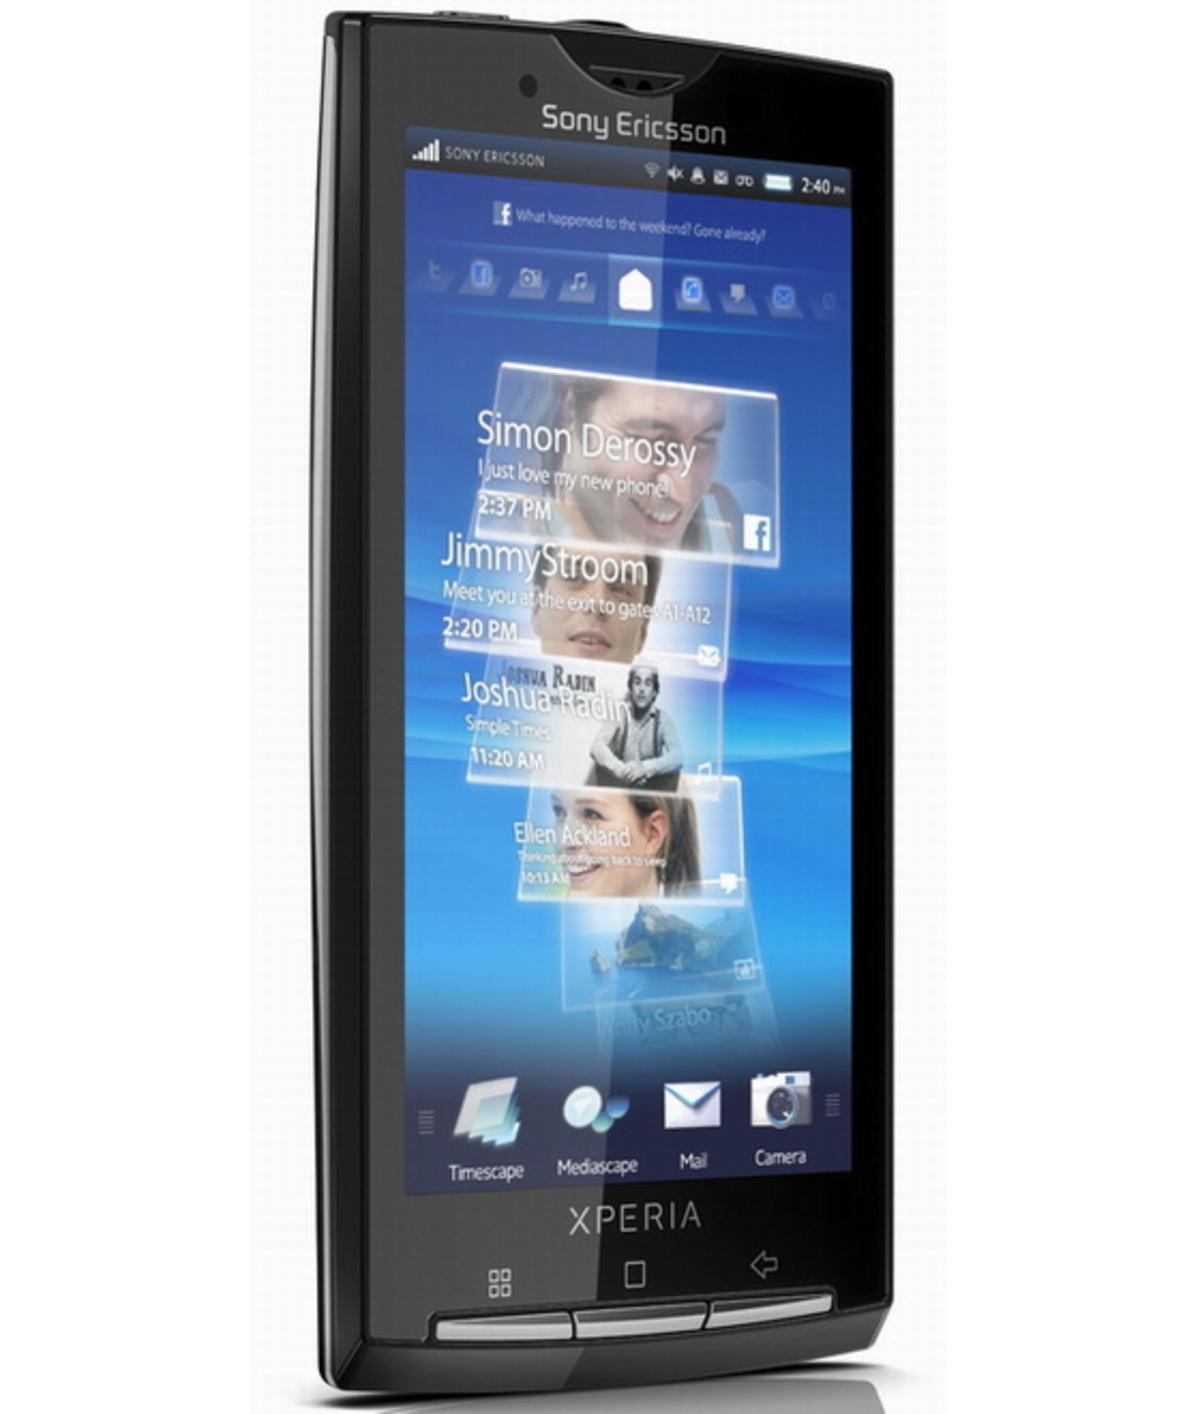 Επιτέλους η επίσημη ανακοίνωση για το XPERIA X10 της Sony | Newsit.gr